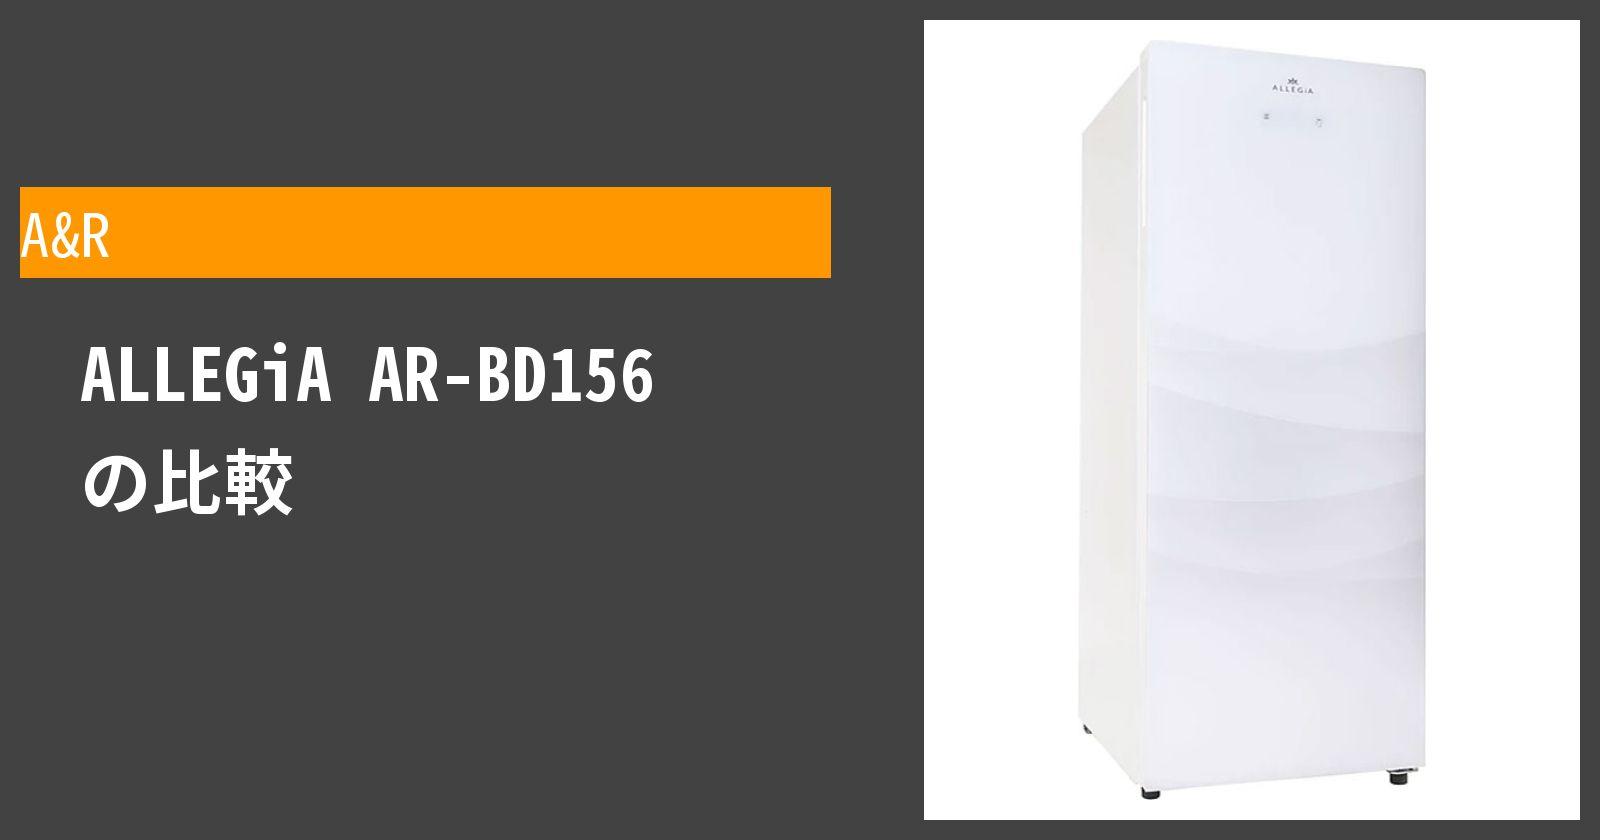 ALLEGiA AR-BD156を徹底評価